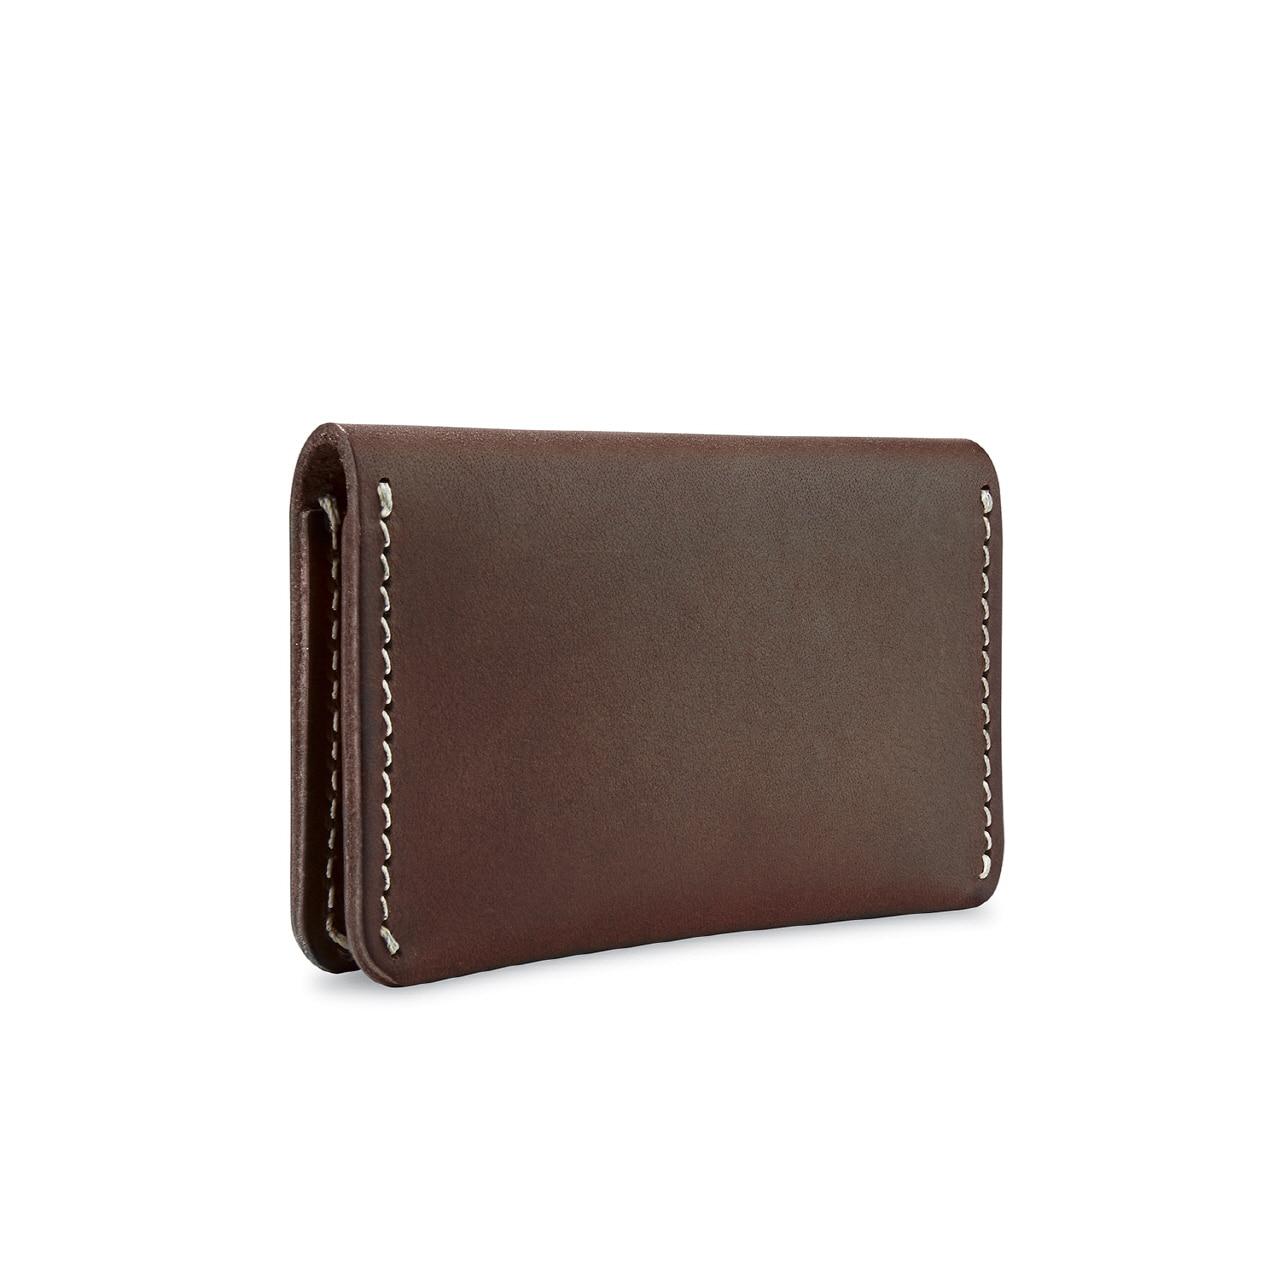 카드 홀더 지갑 95037 - 앰버 프론티어